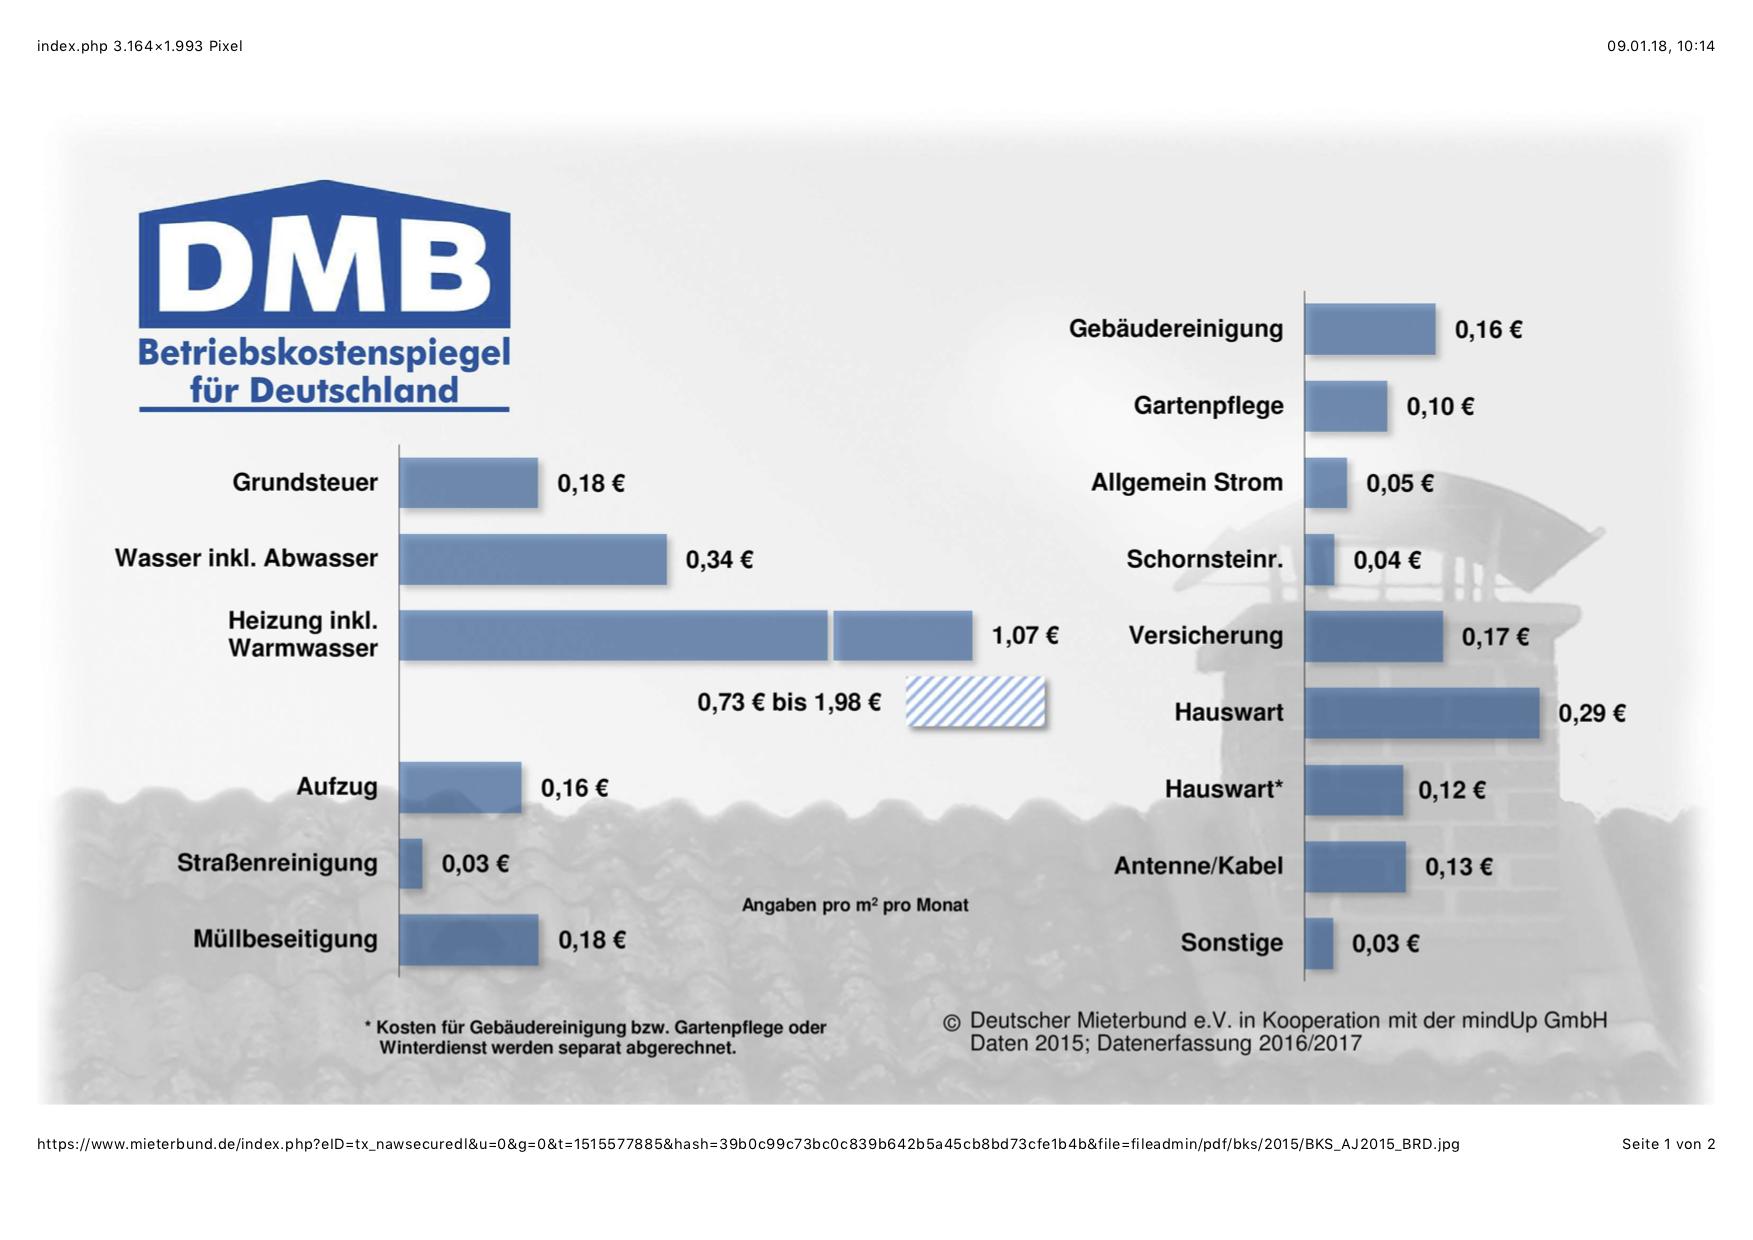 Betriebskostenspiegel des DMB